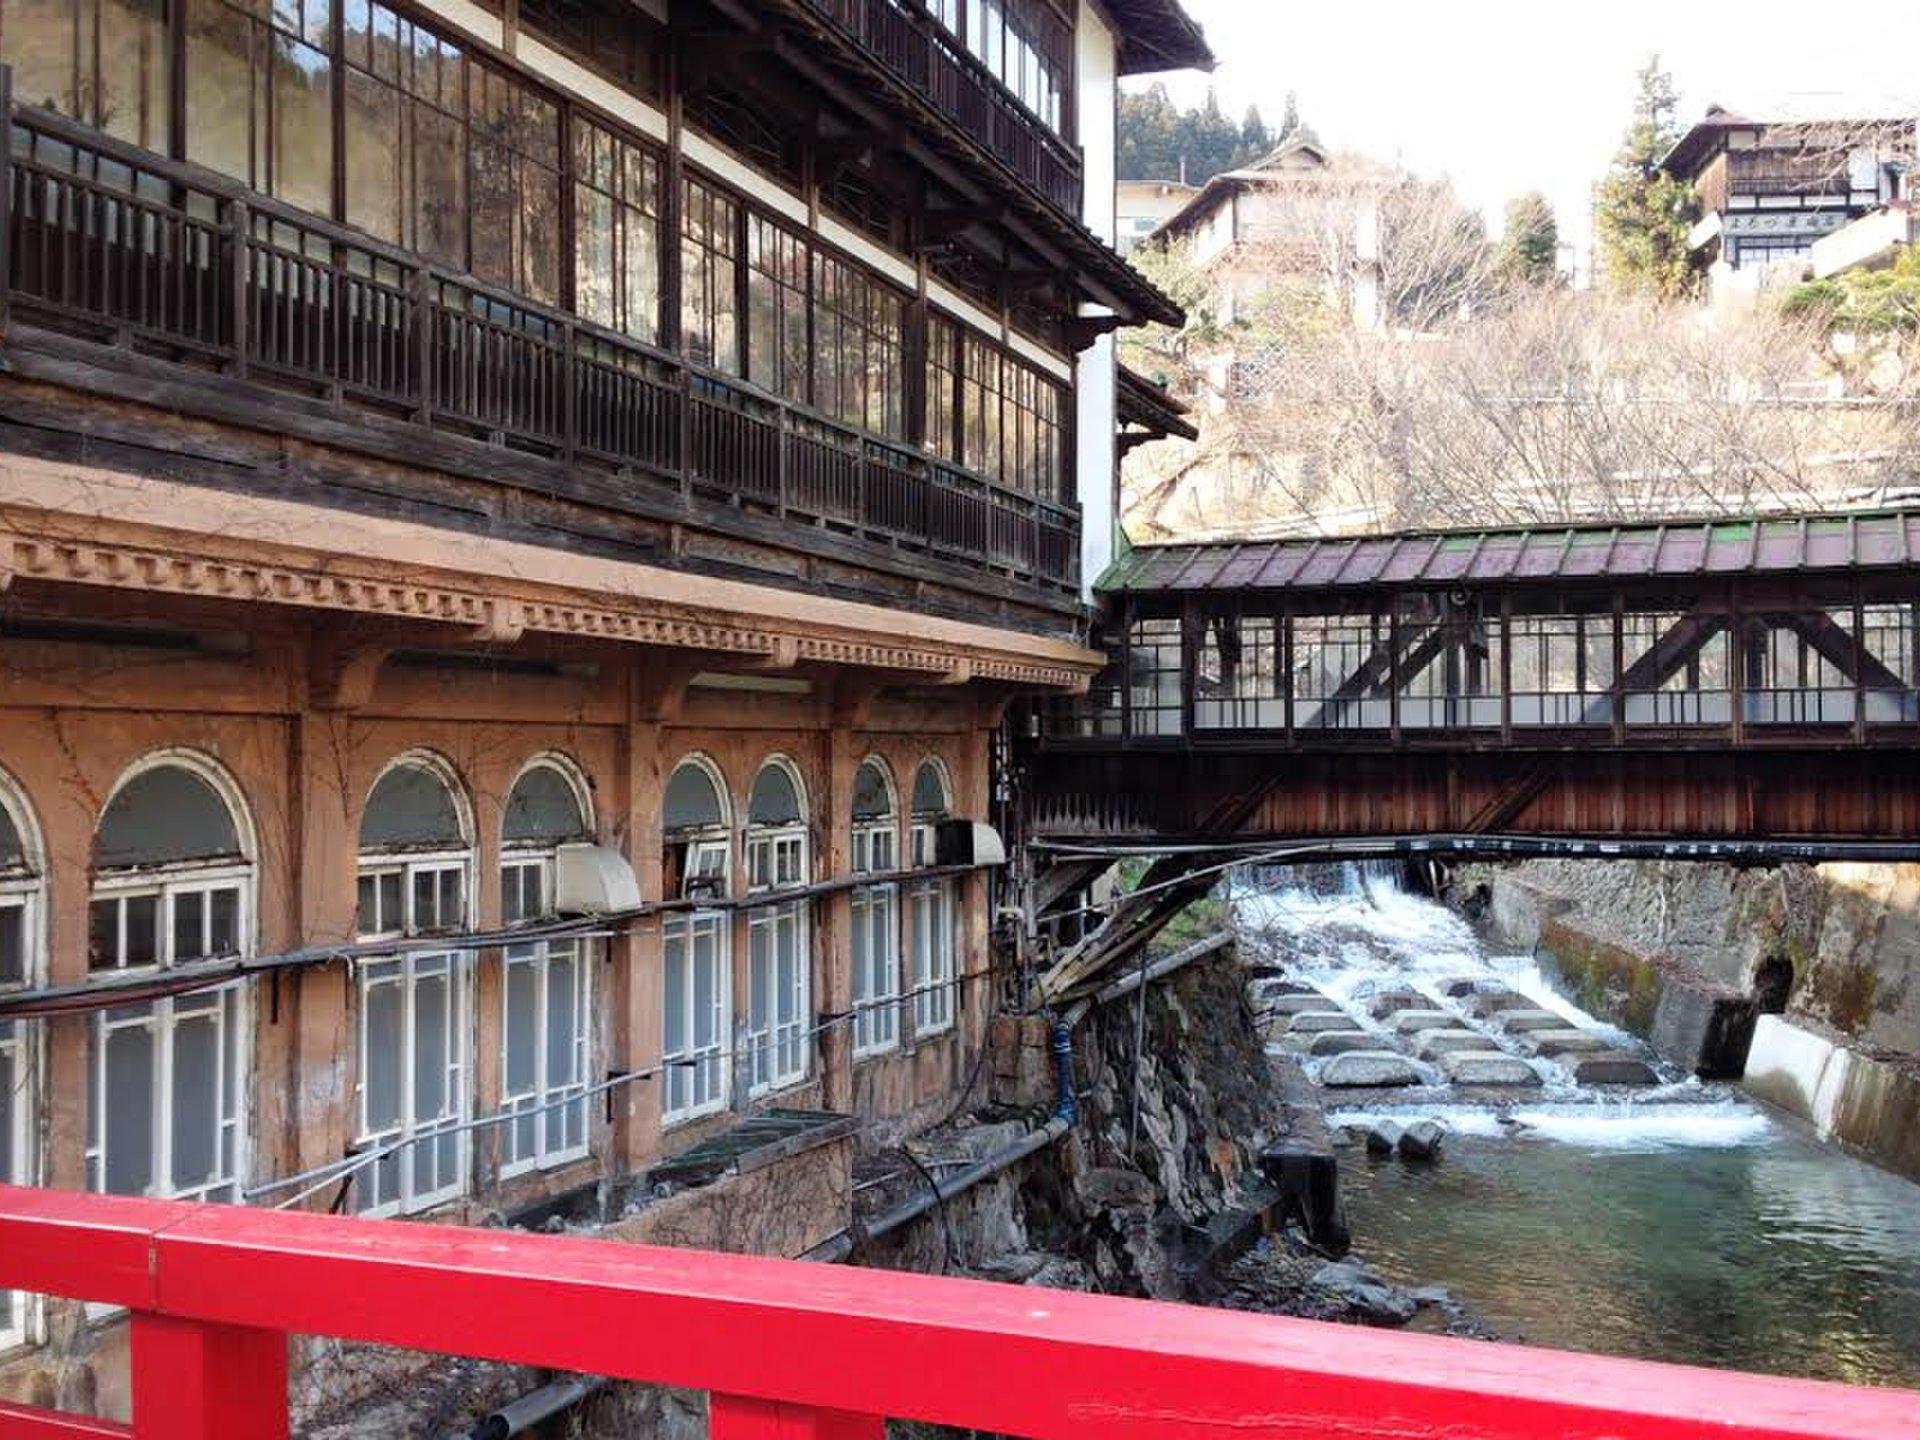 【温泉の名所・群馬】日本名泉周辺の観光名所を巡る旅!